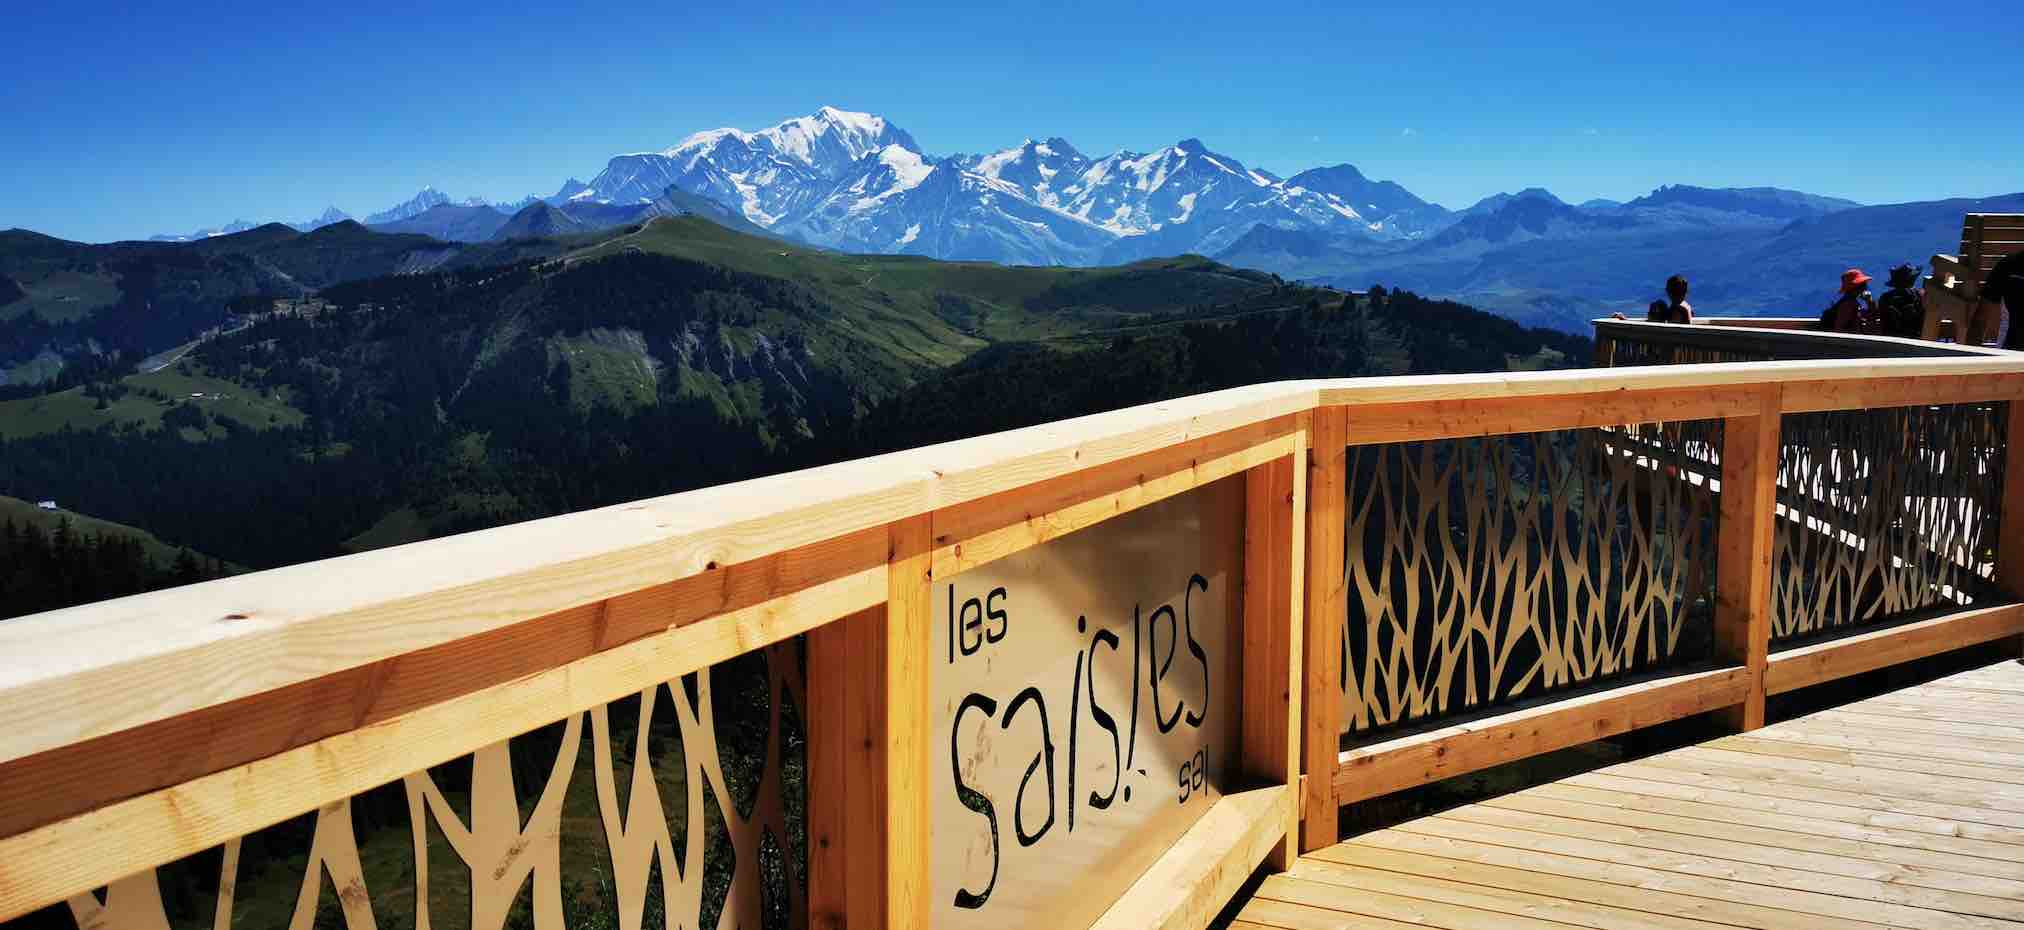 The balcony at Les Saisies facing Mont Blanc